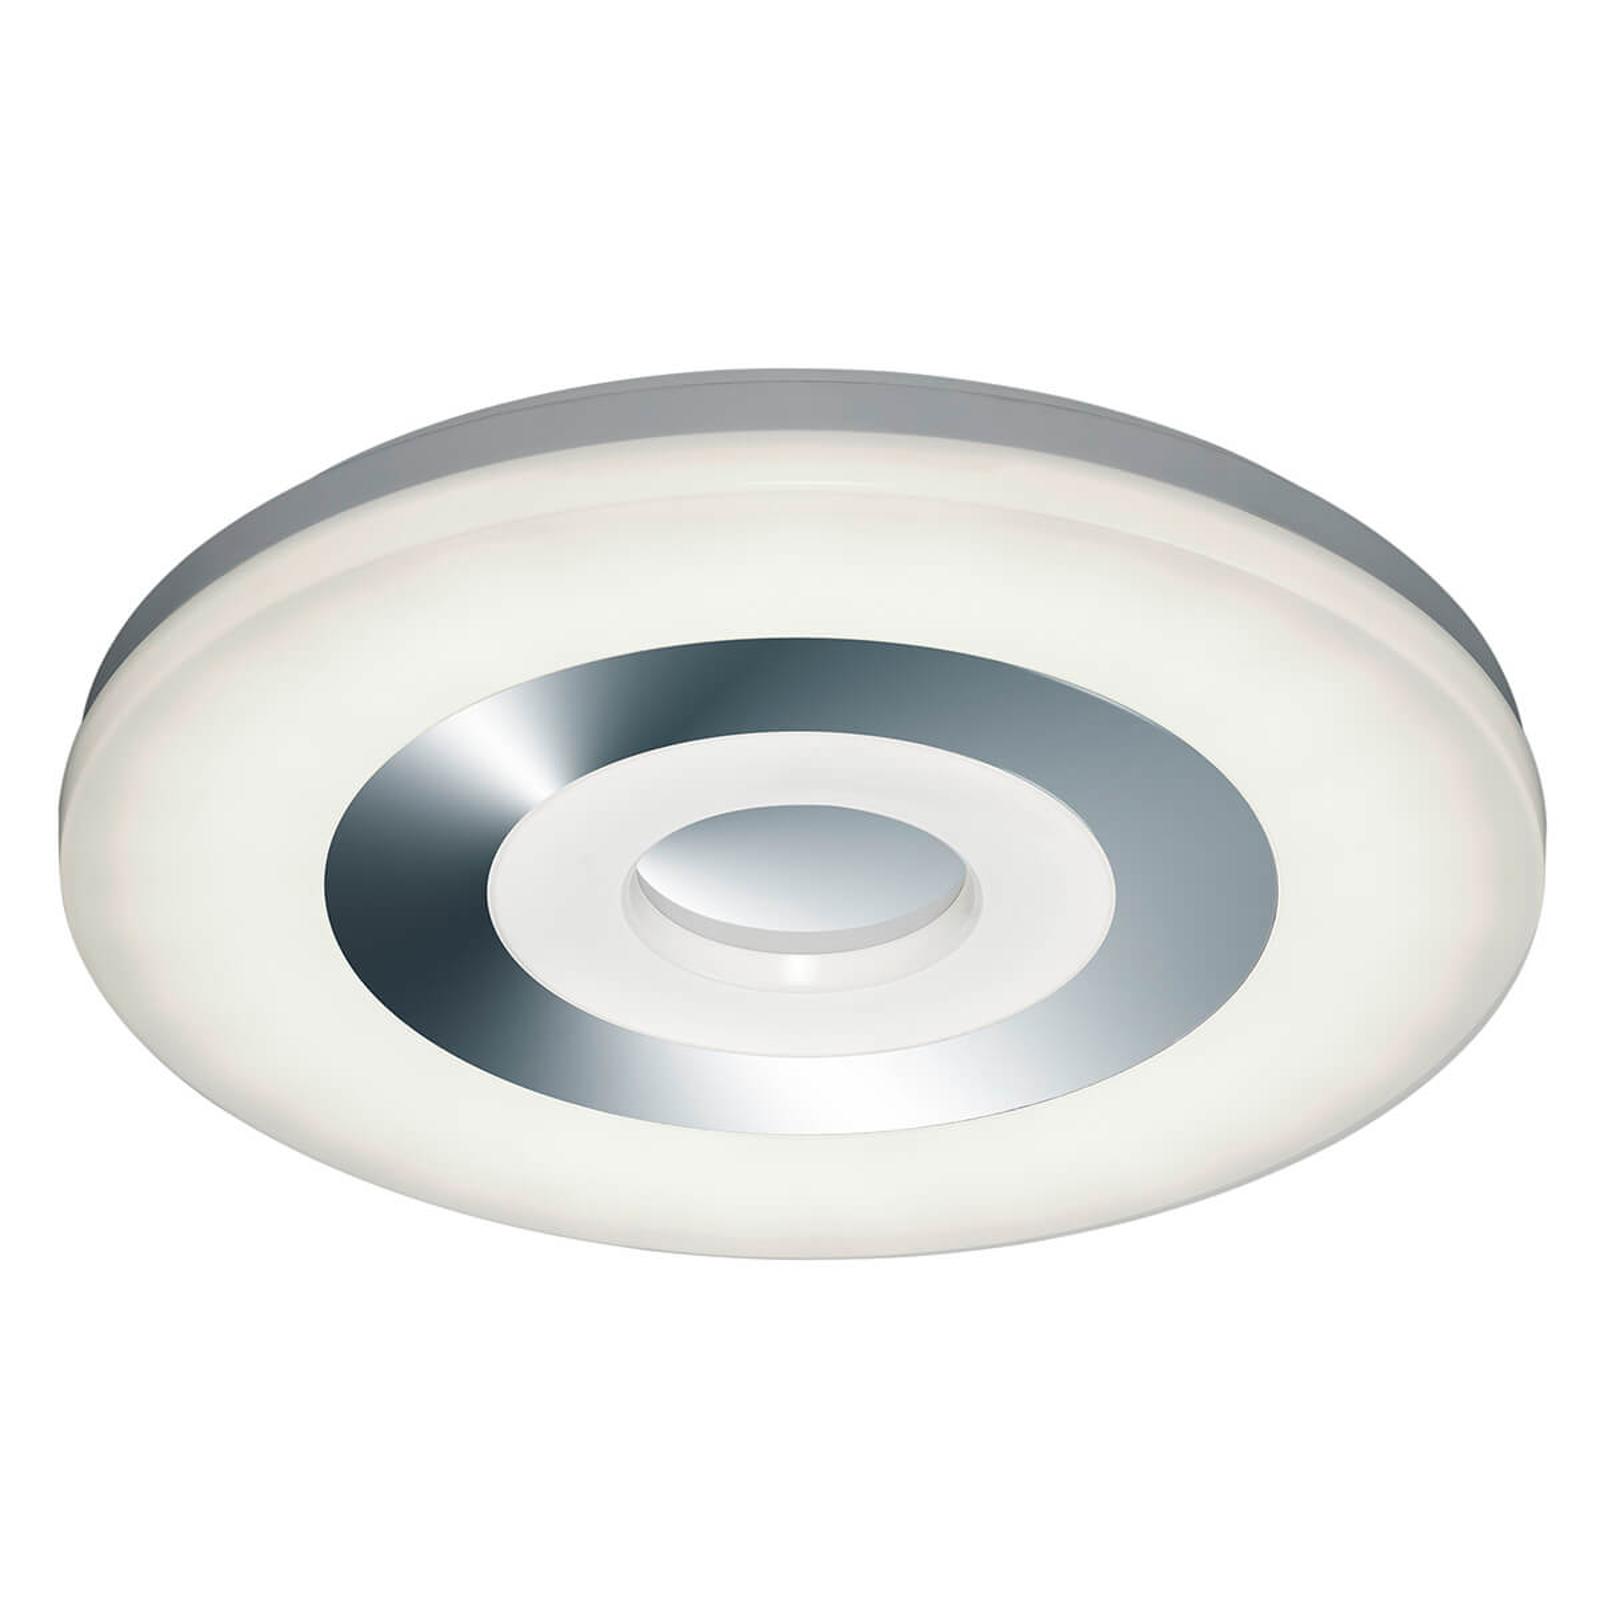 LED-kattolamppu Shaolin, säädettävä valoväri